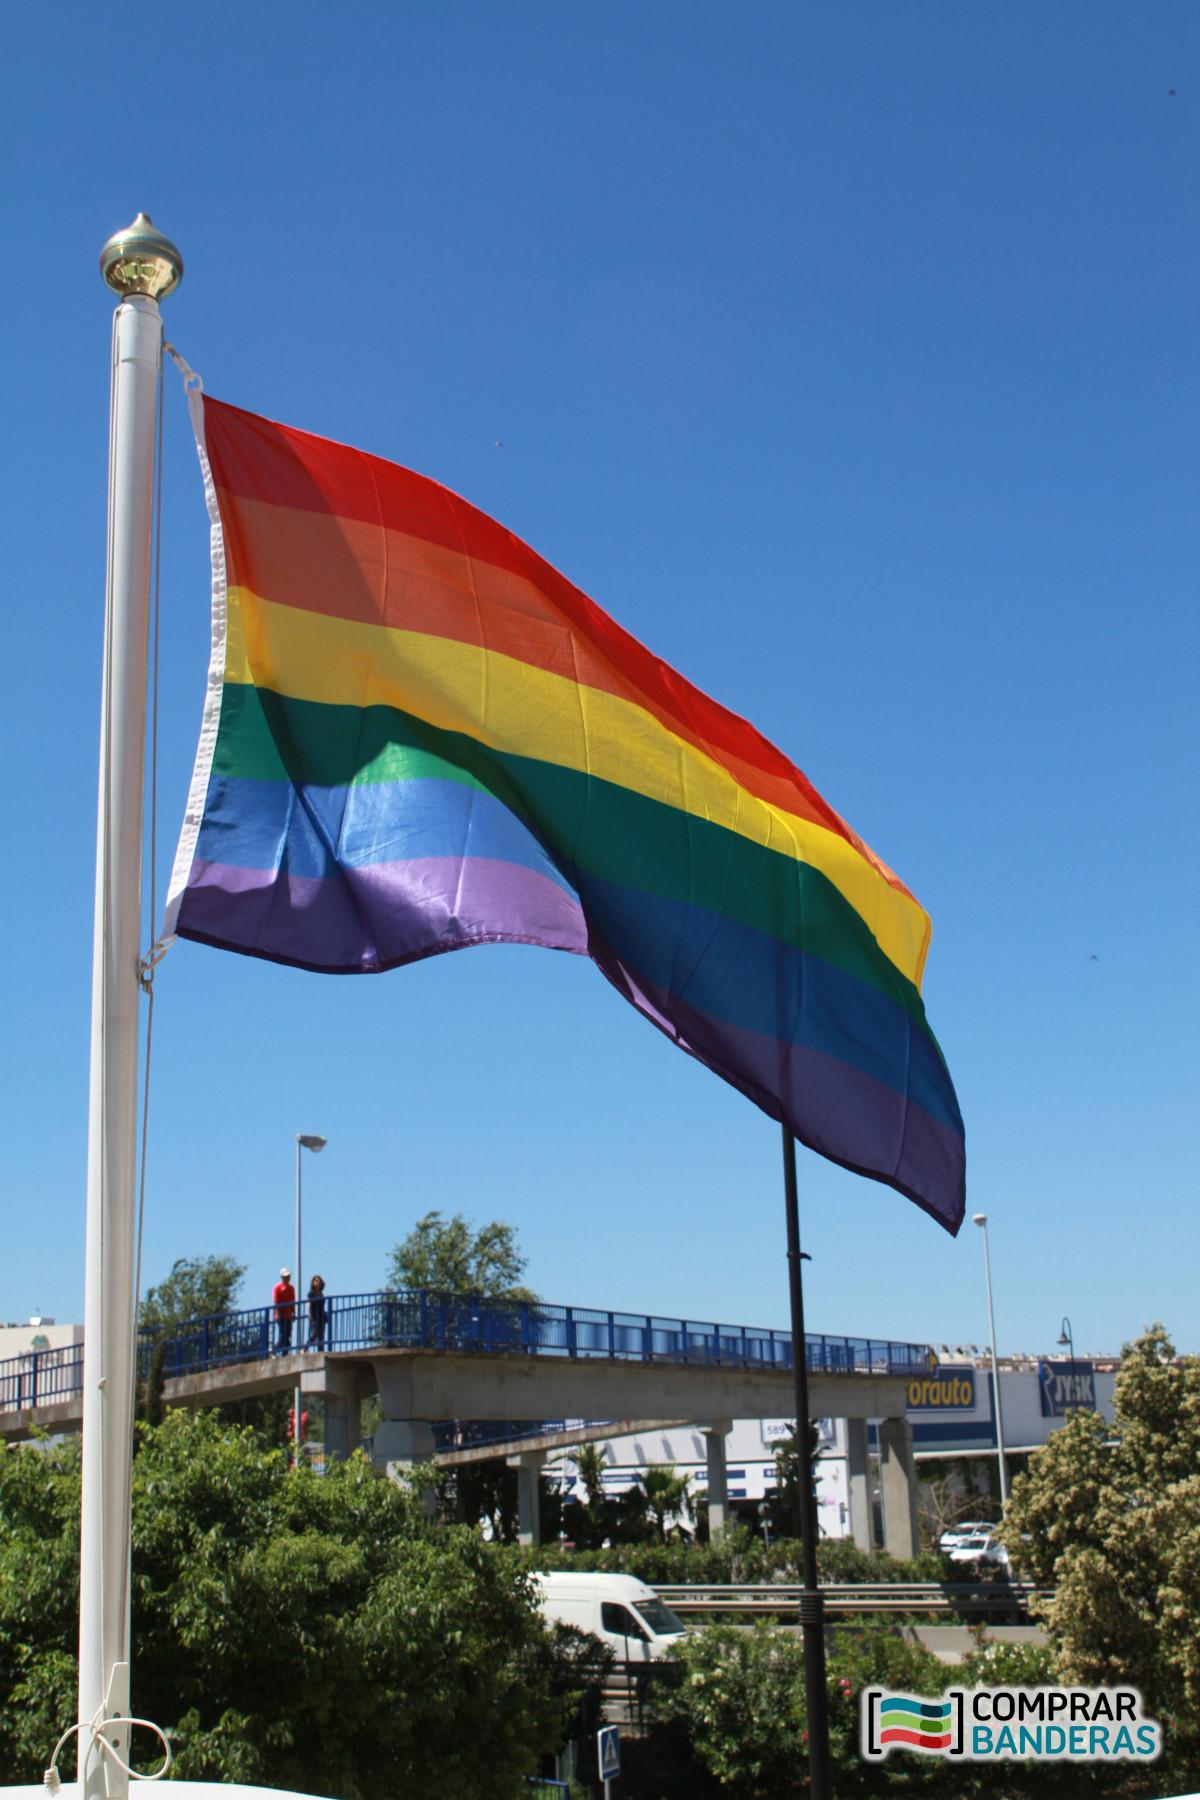 Eventos anteriores del Orgullo Gay